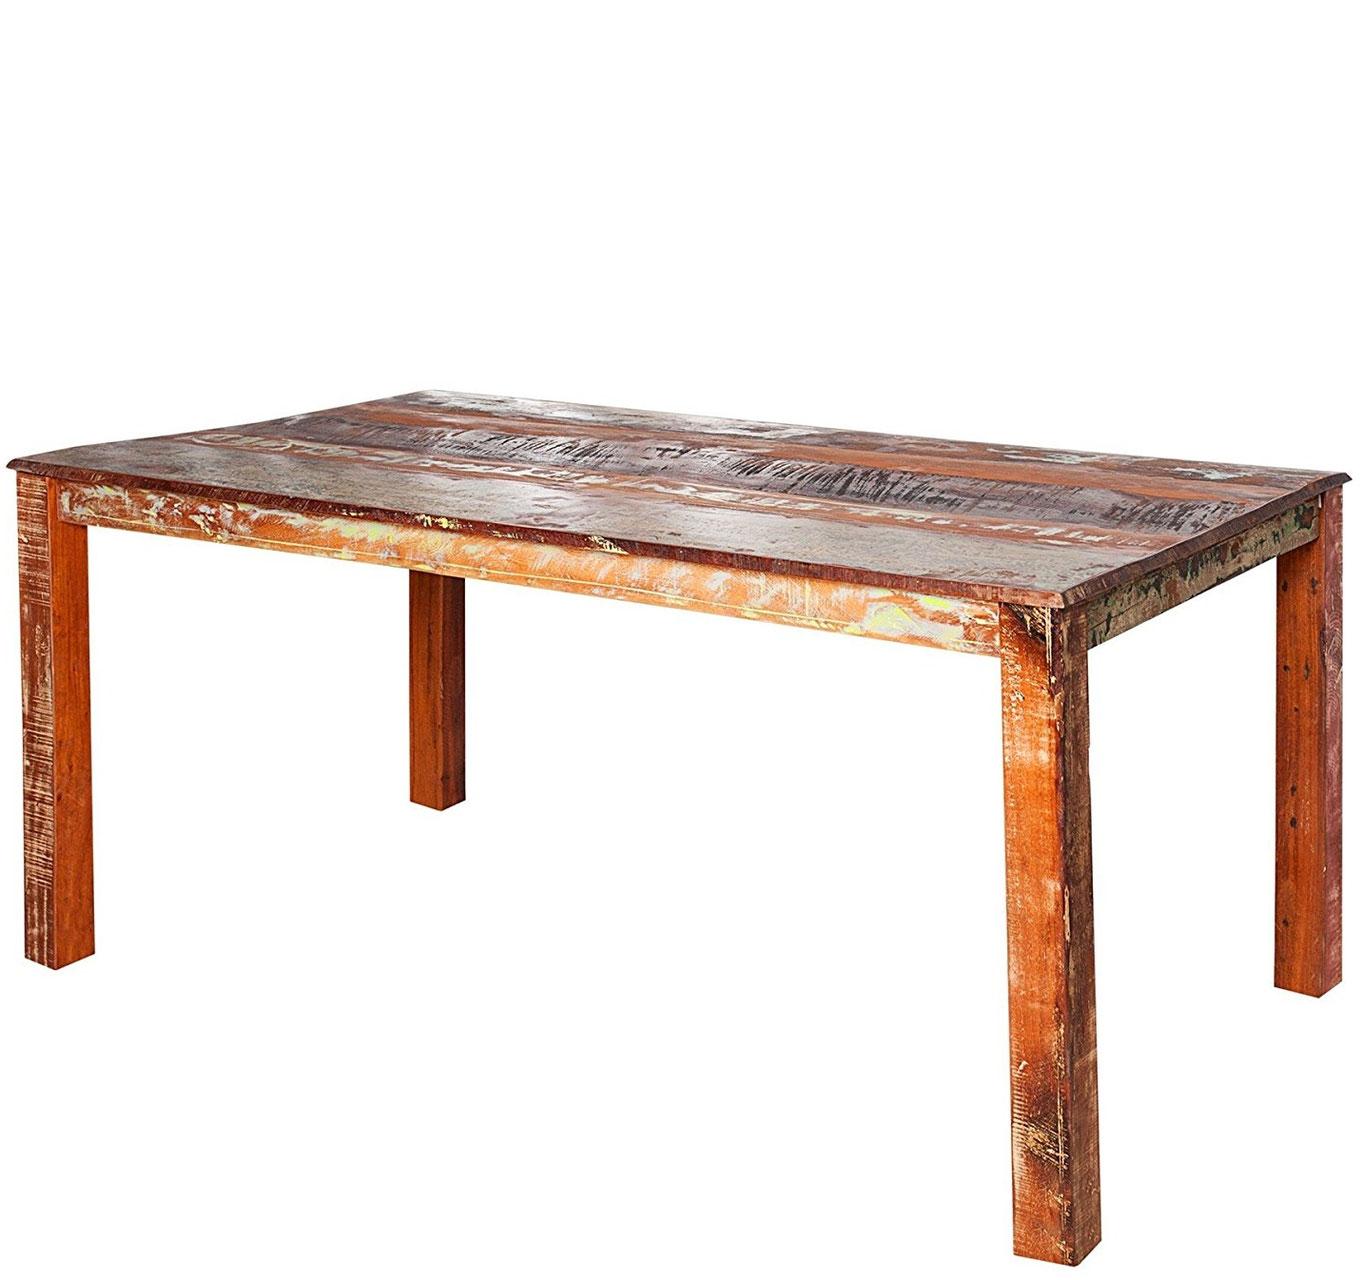 Tavoli in legno riciclato benvenuti su sandro shop - Tavolo legno riciclato ...